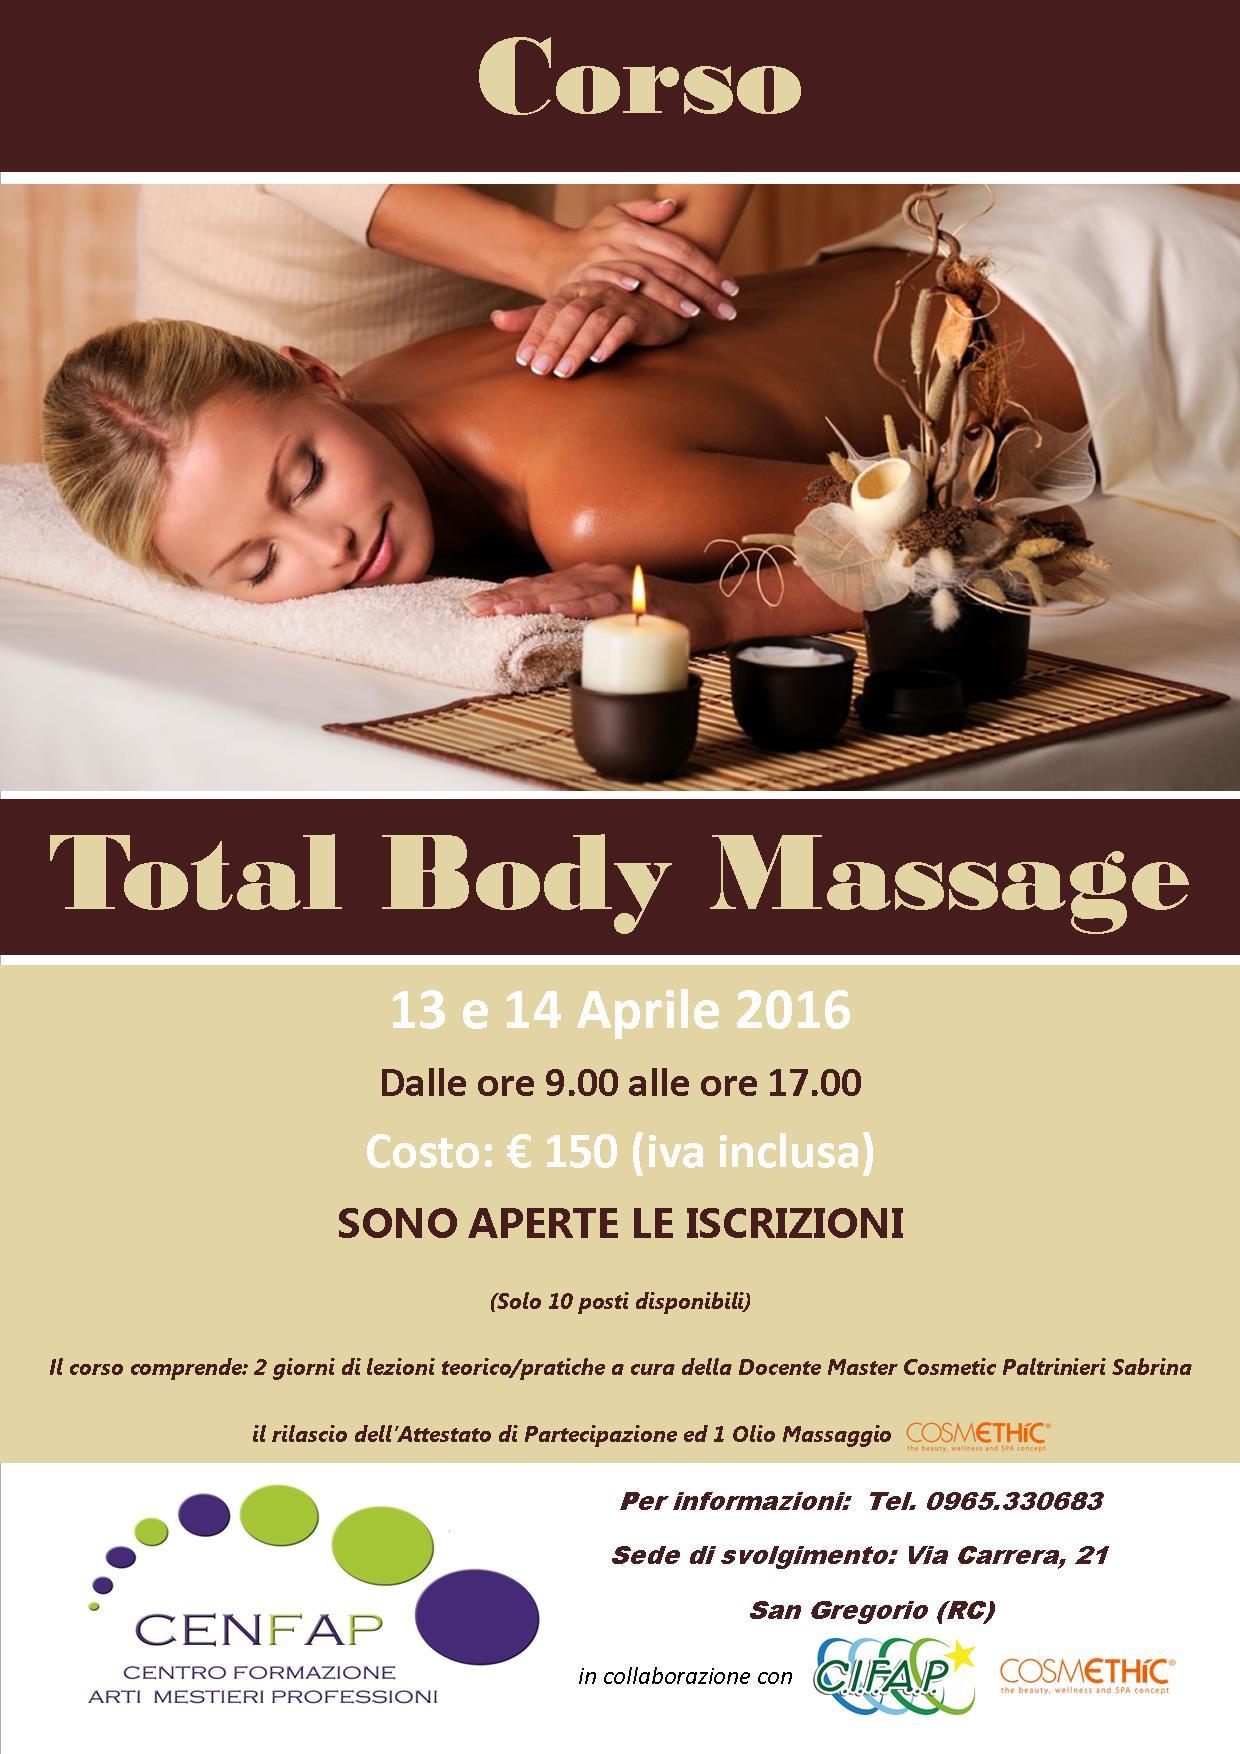 Corso Total Body Massage Aprile 2016